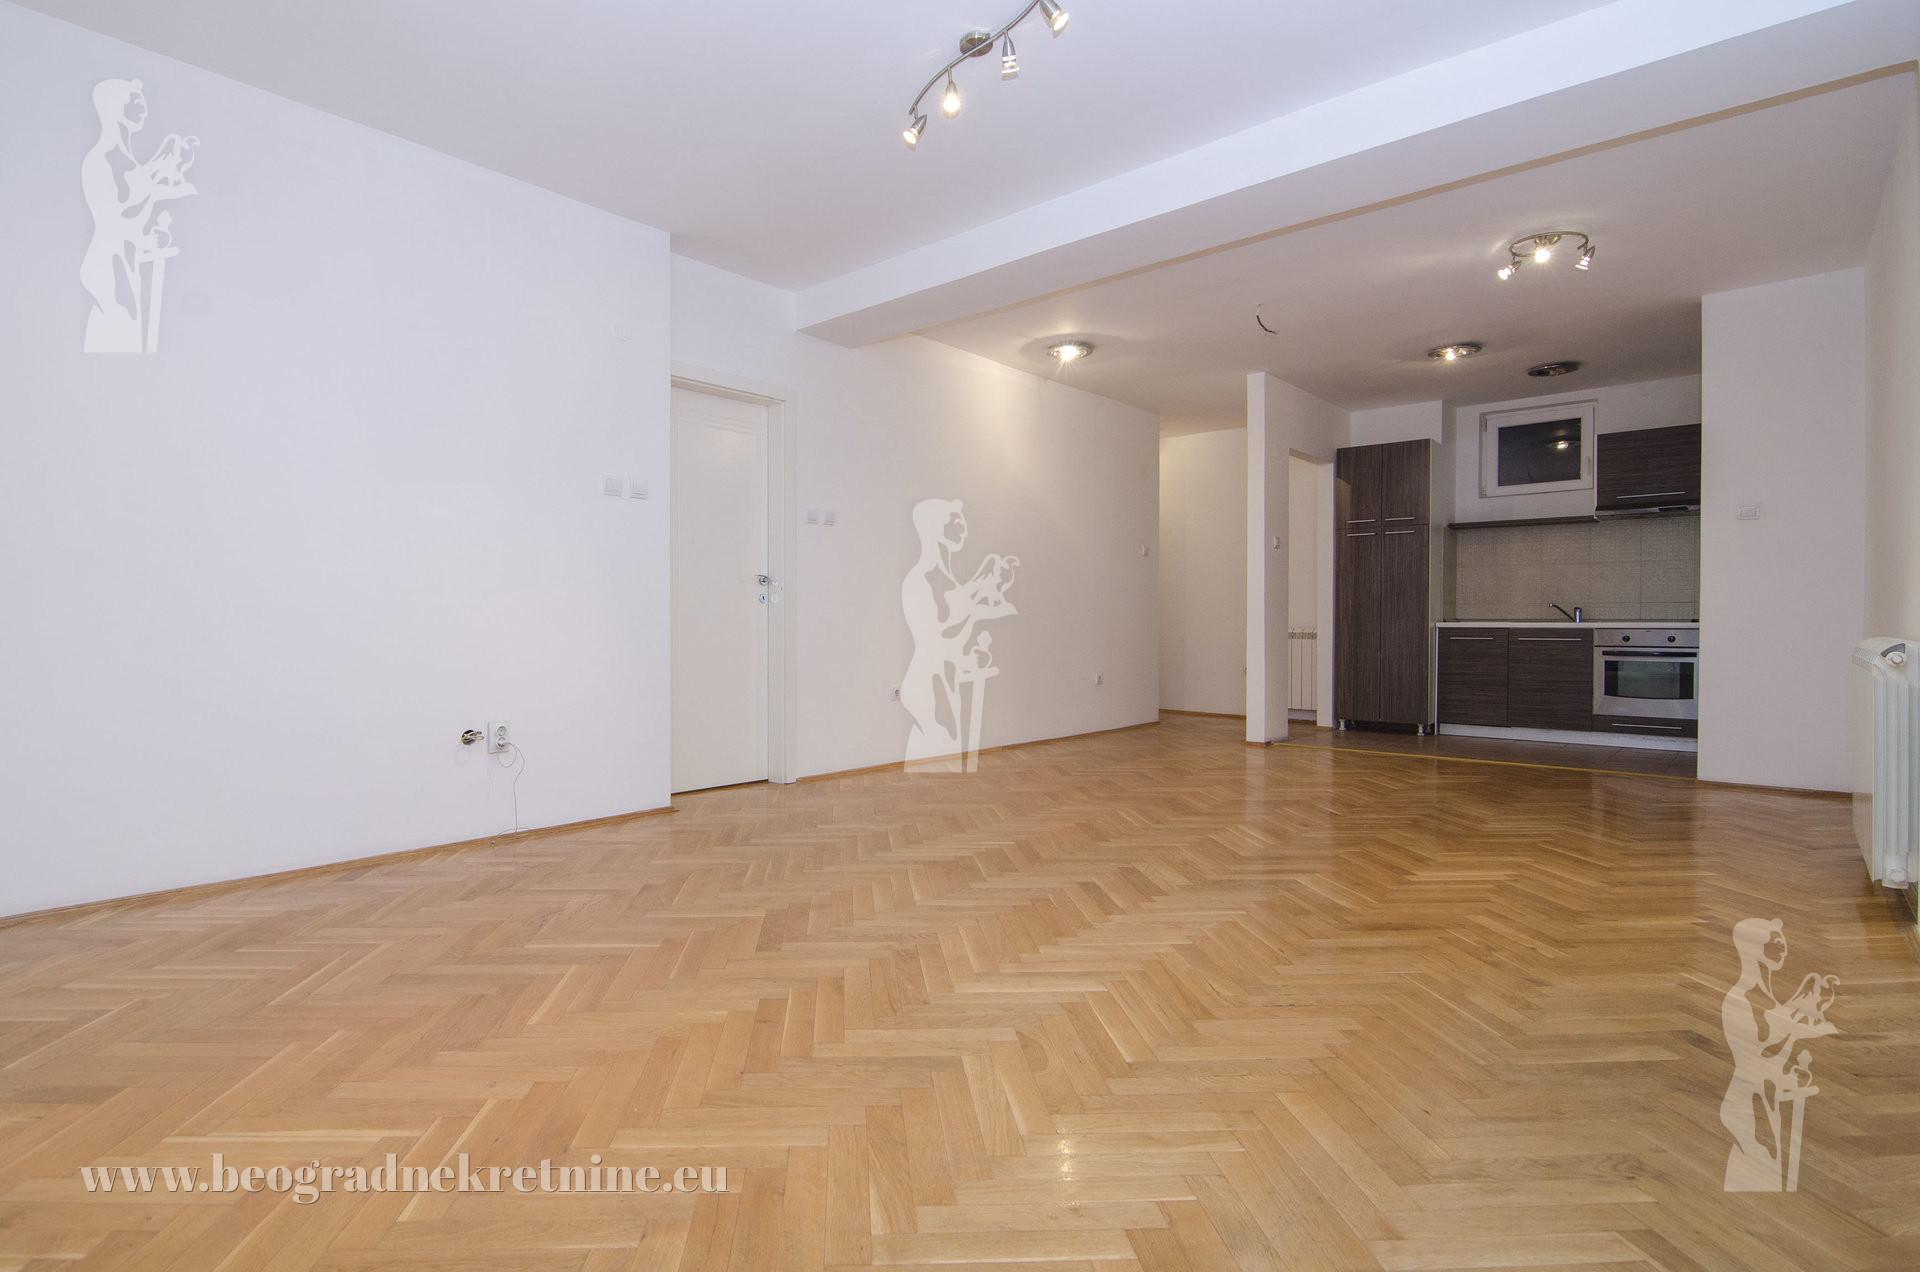 Opština Zvezdara Đeram Đevđelijska 4 0 84 m2